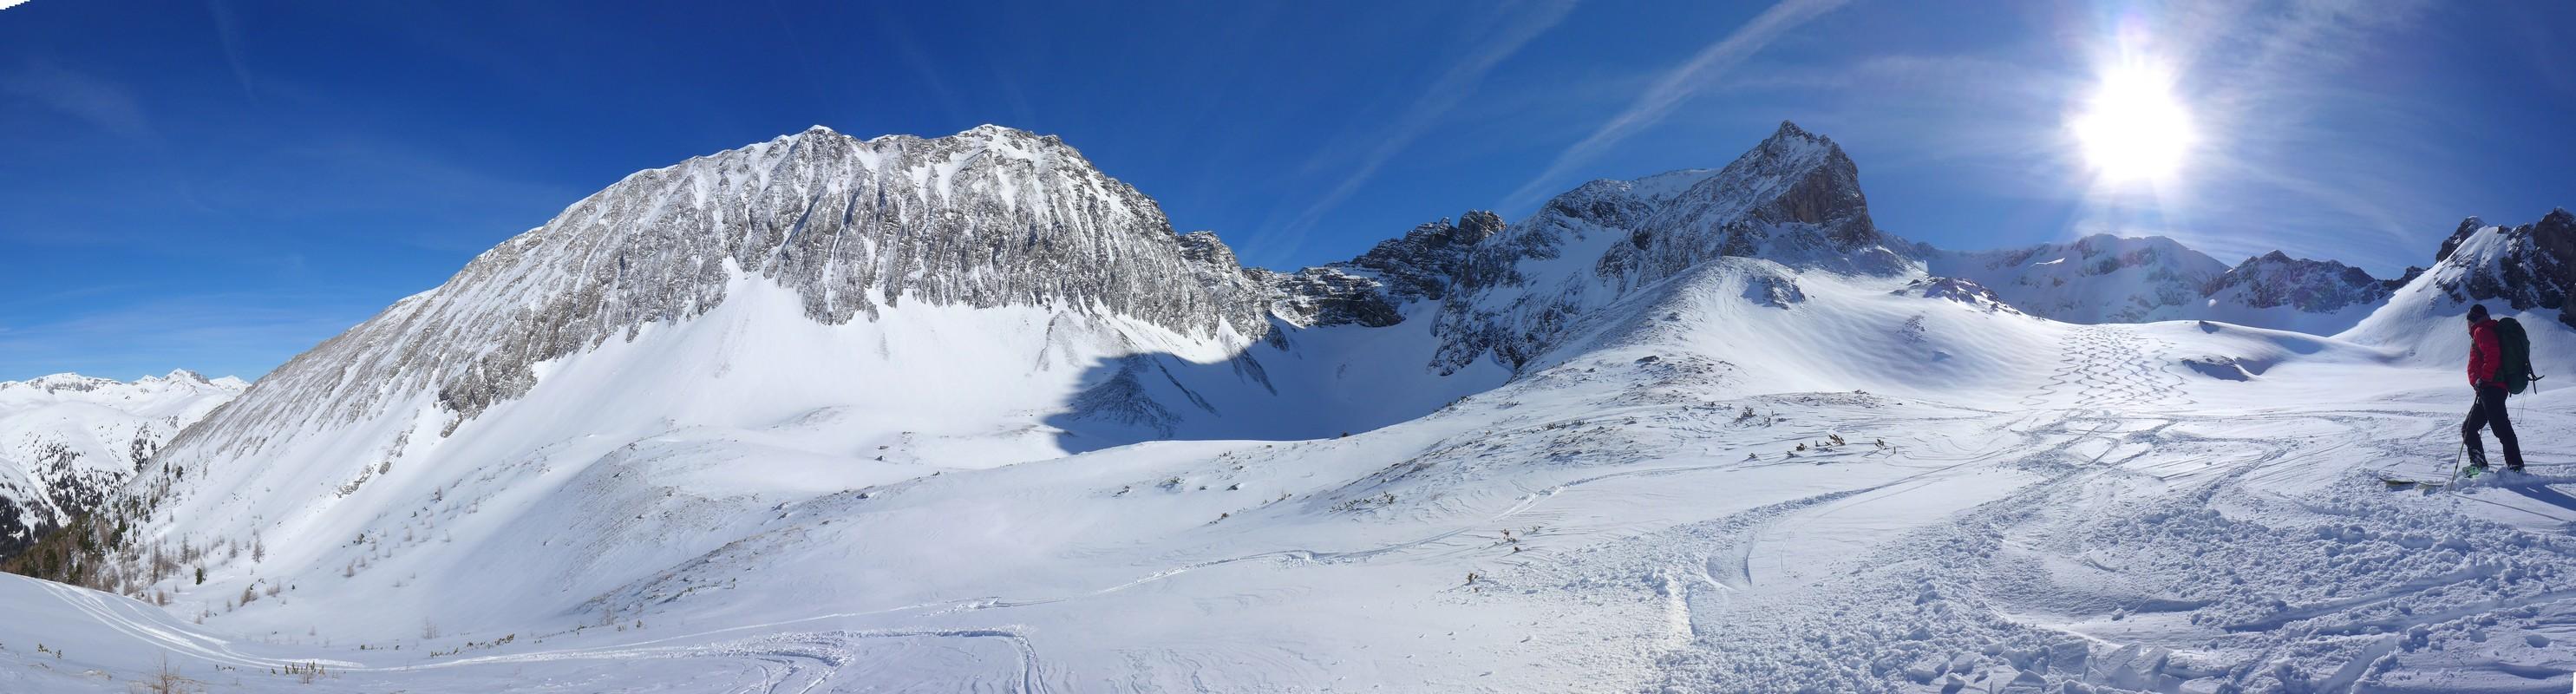 Weisseck Niedere Tauern Österreich panorama 39